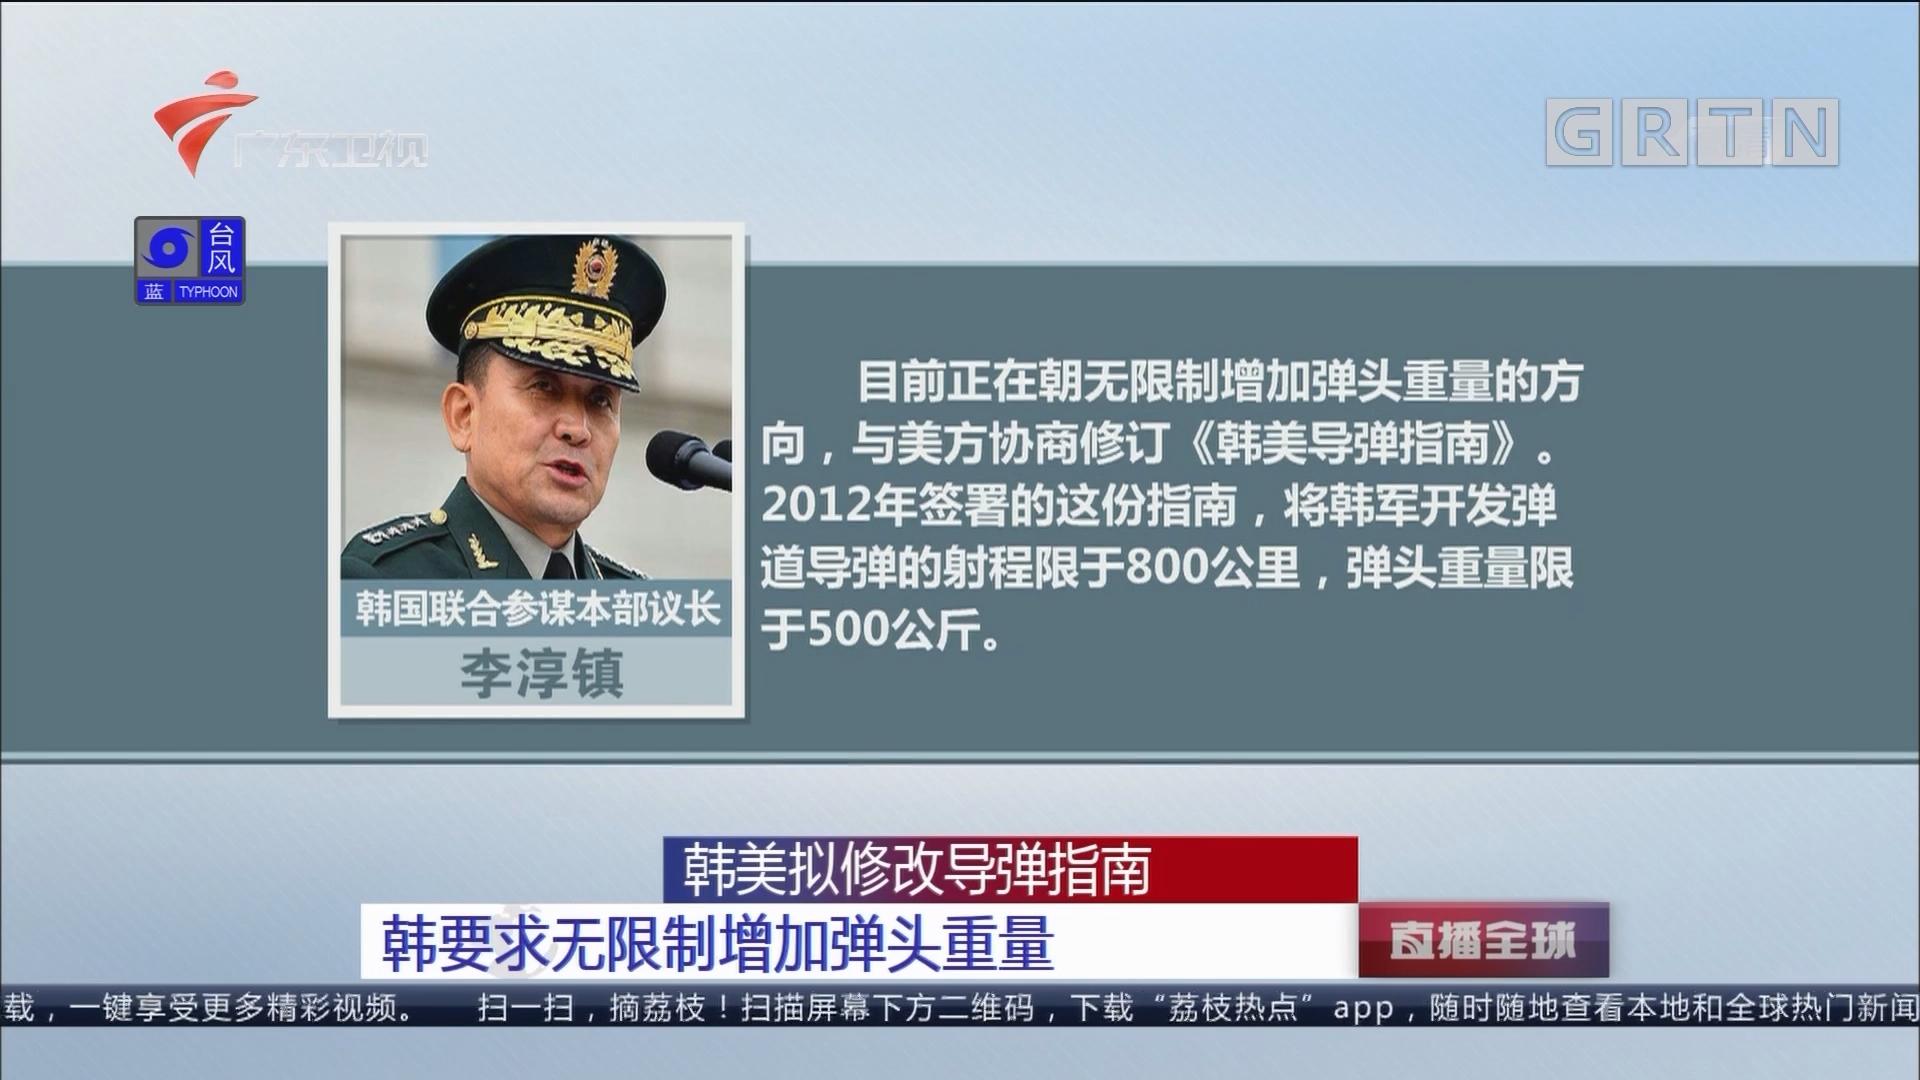 韩美拟修改导弹指南:美国报告称韩国具备造核弹头能力